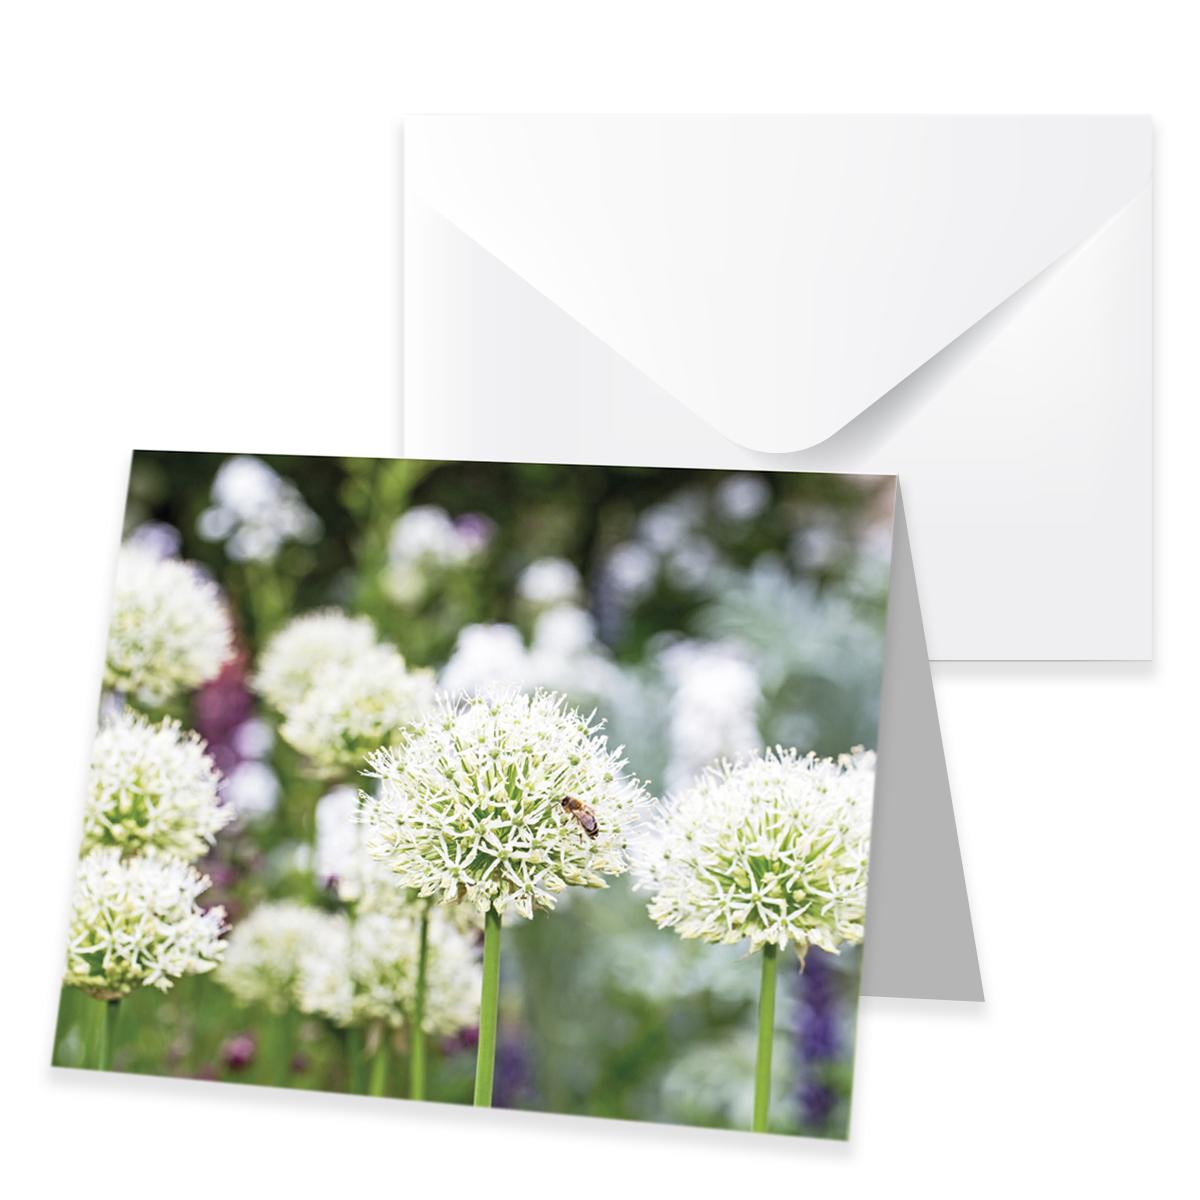 Allium 7,5x9cm, mit Umschlag, Ve. 12 Stk